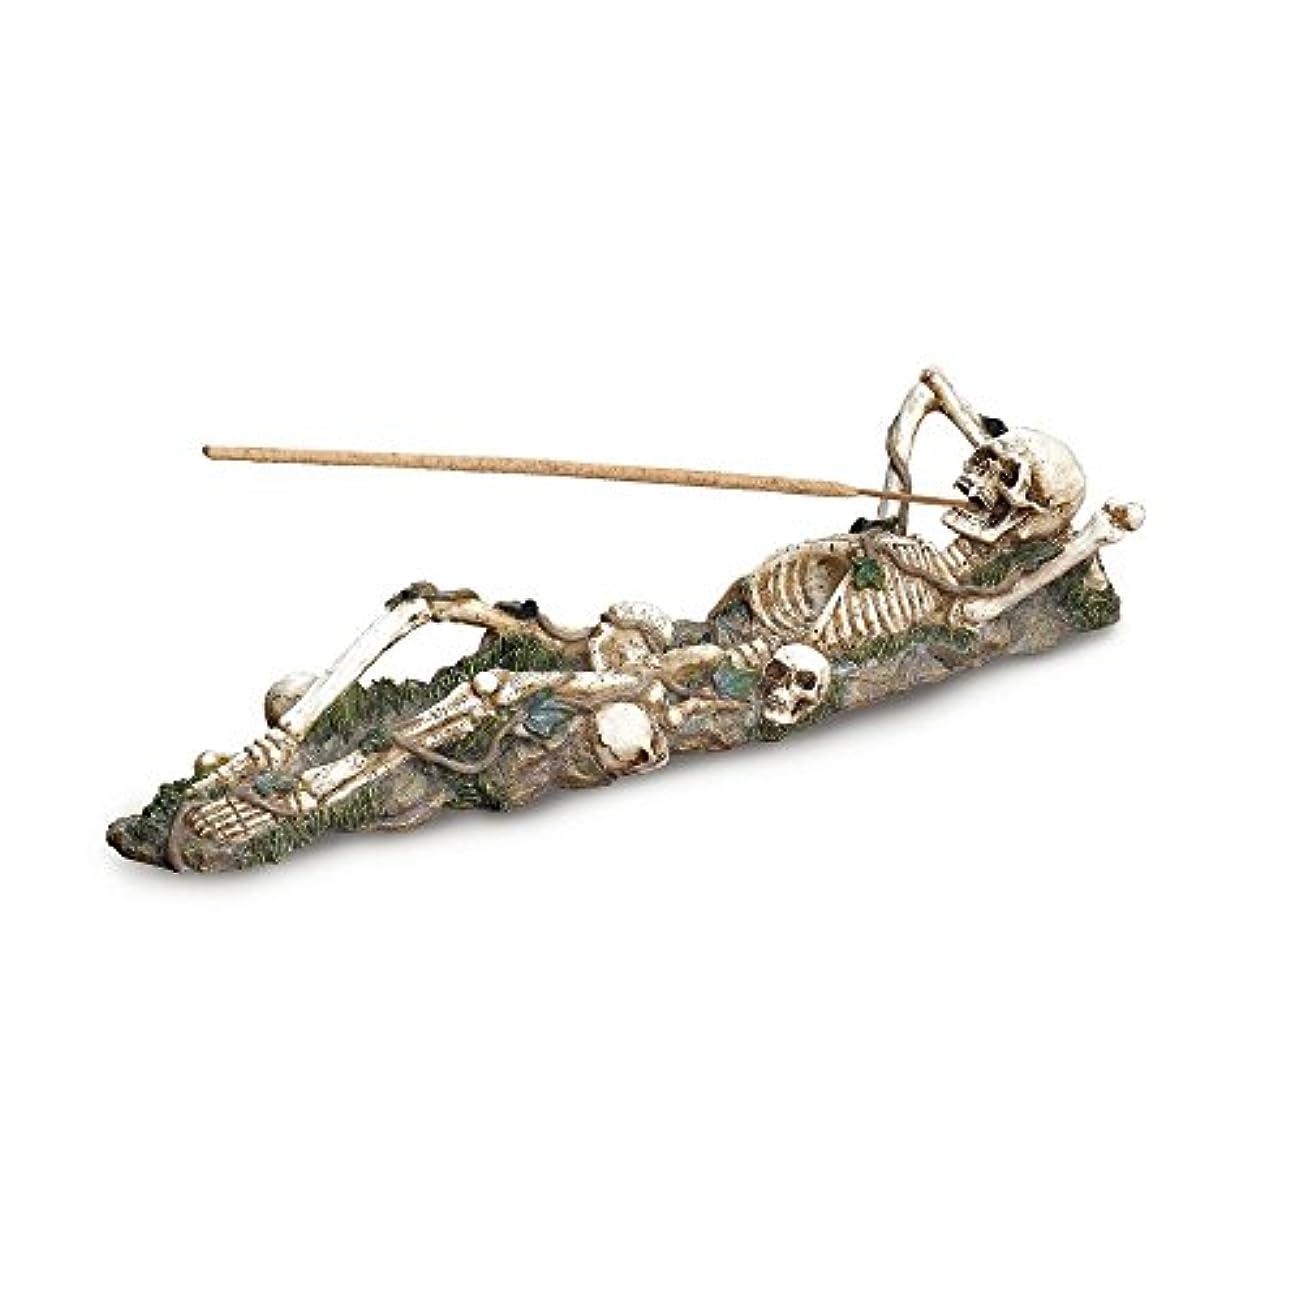 ケントキャッシュ意図するGifts & Decor Skeleton Incense Burner Holder Collector Halloween Gift by Gifts & Decor